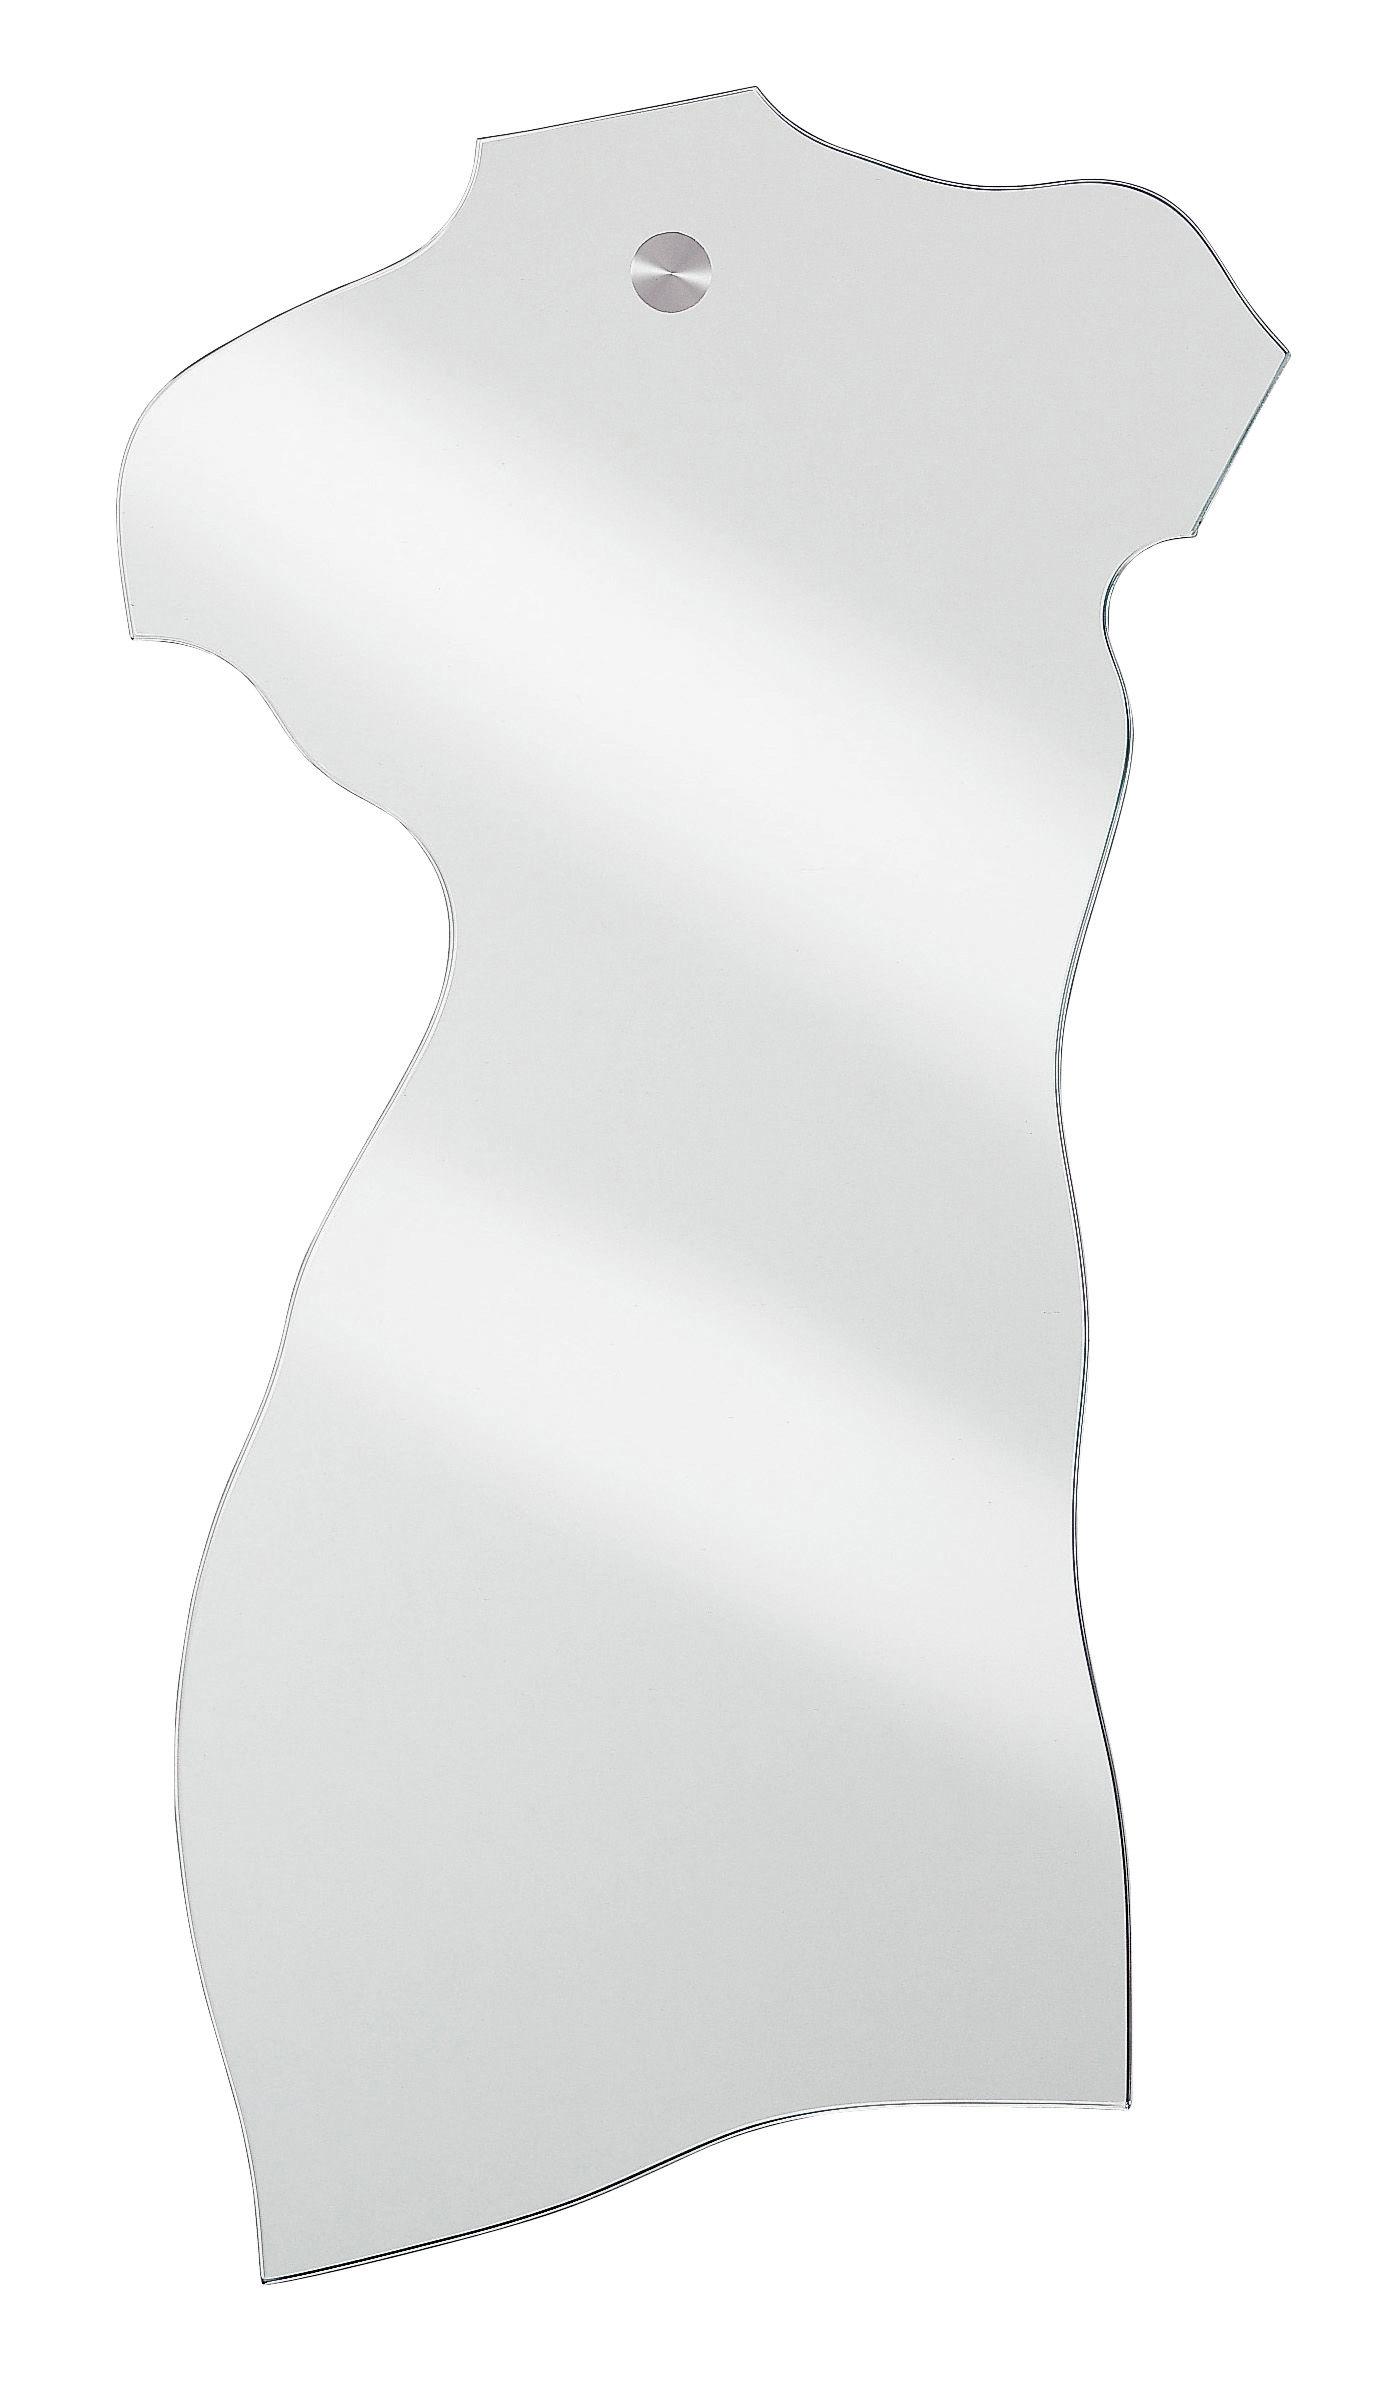 Arredamento - Specchi - Specchio murale Milo di Zanotta - Specchio -